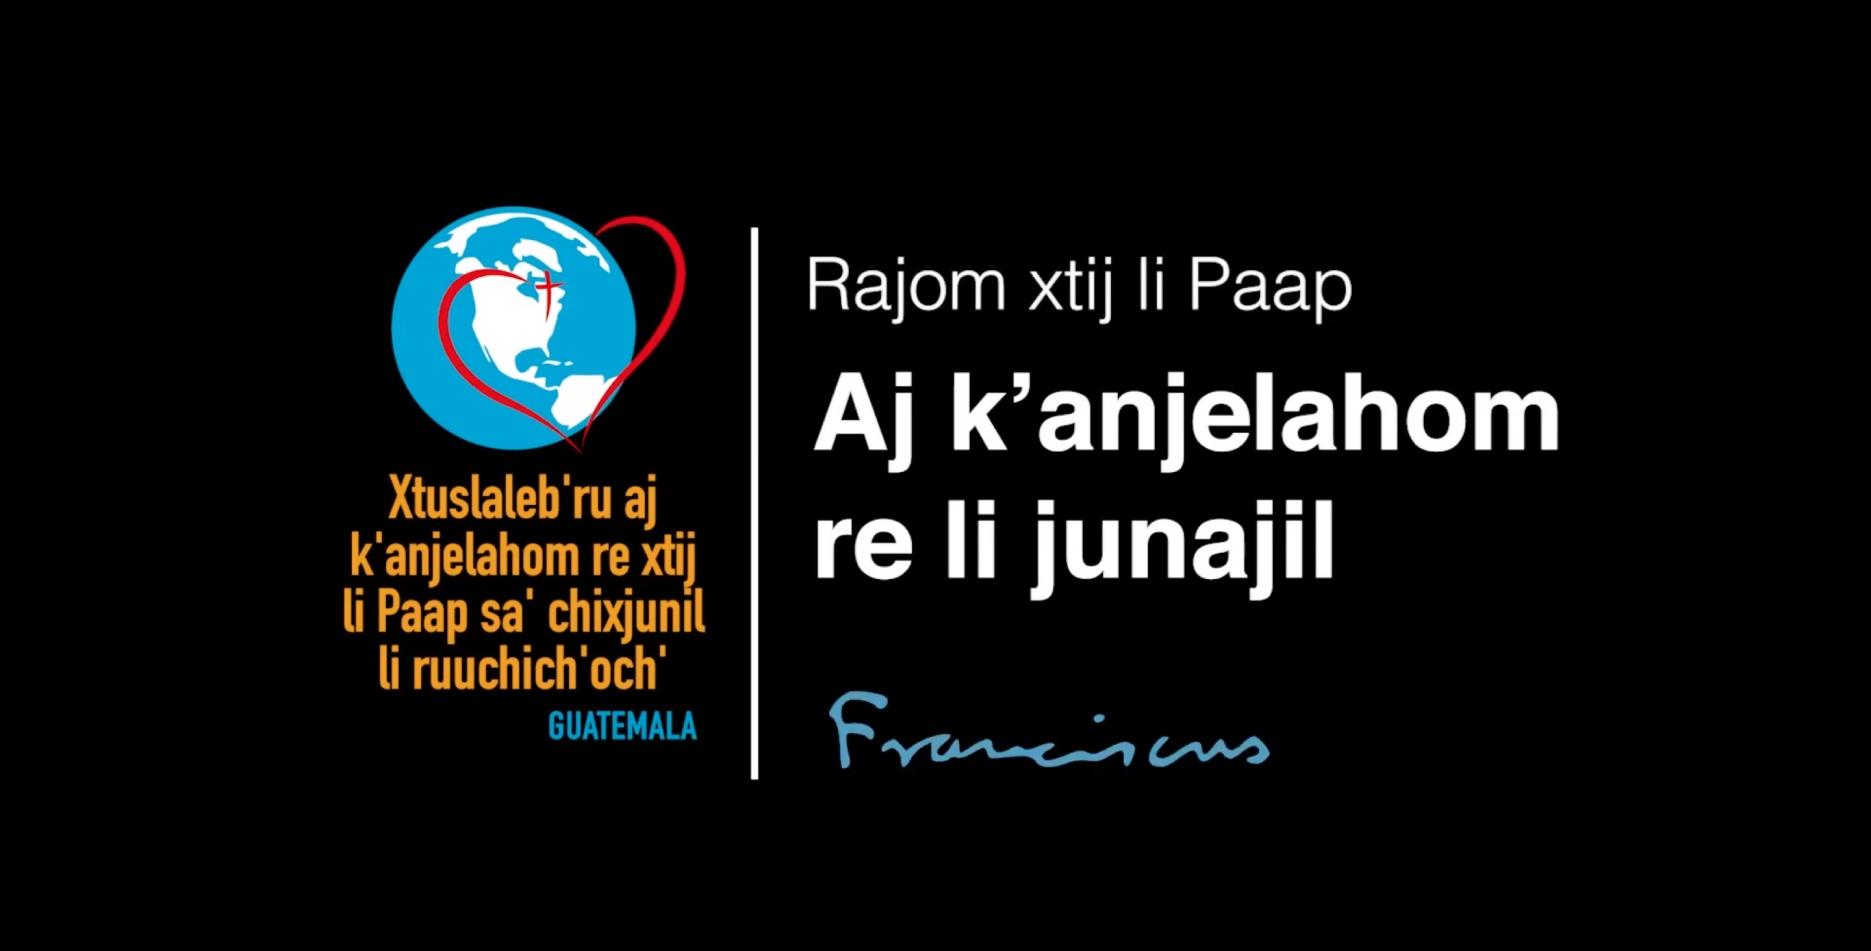 01 | AJ K'ANJELAHOM RE LI JUNAJIL